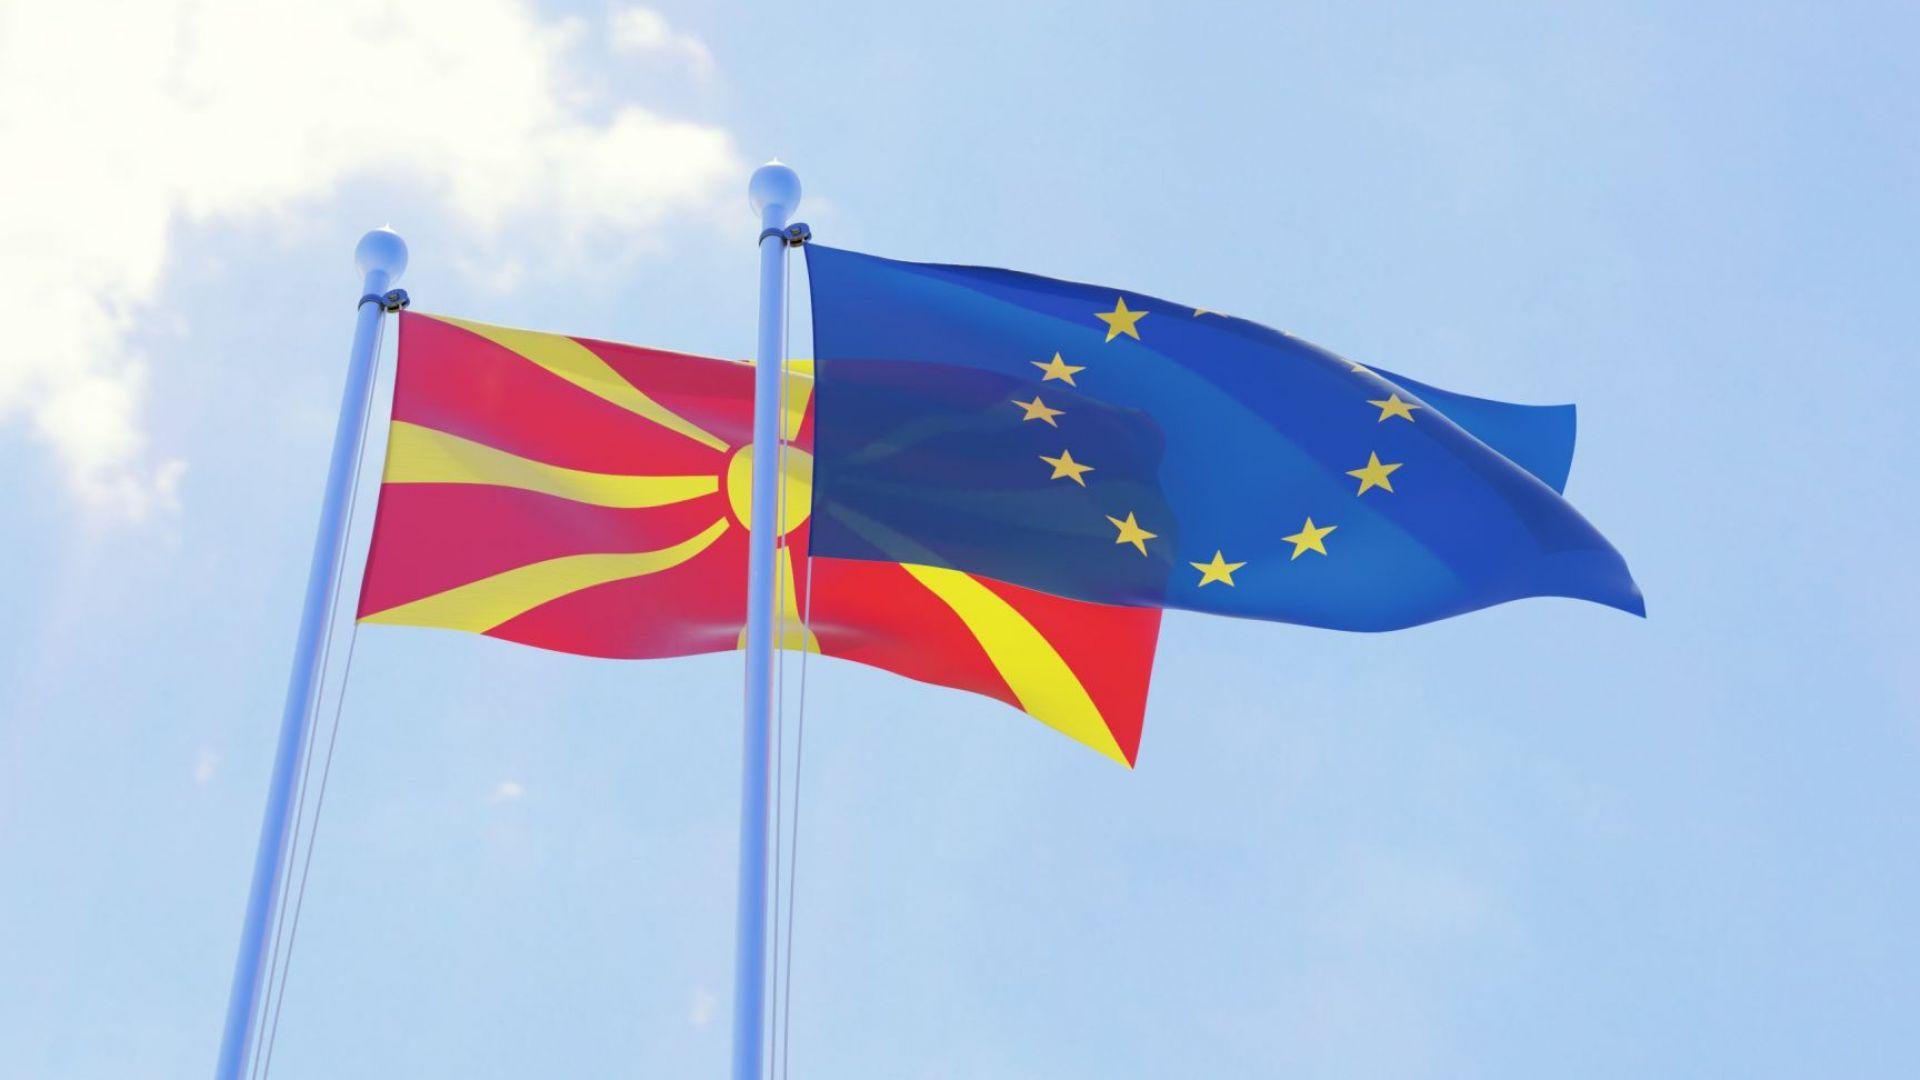 Правителството подкрепи старта на преговори със Северна Македония, но постави условия